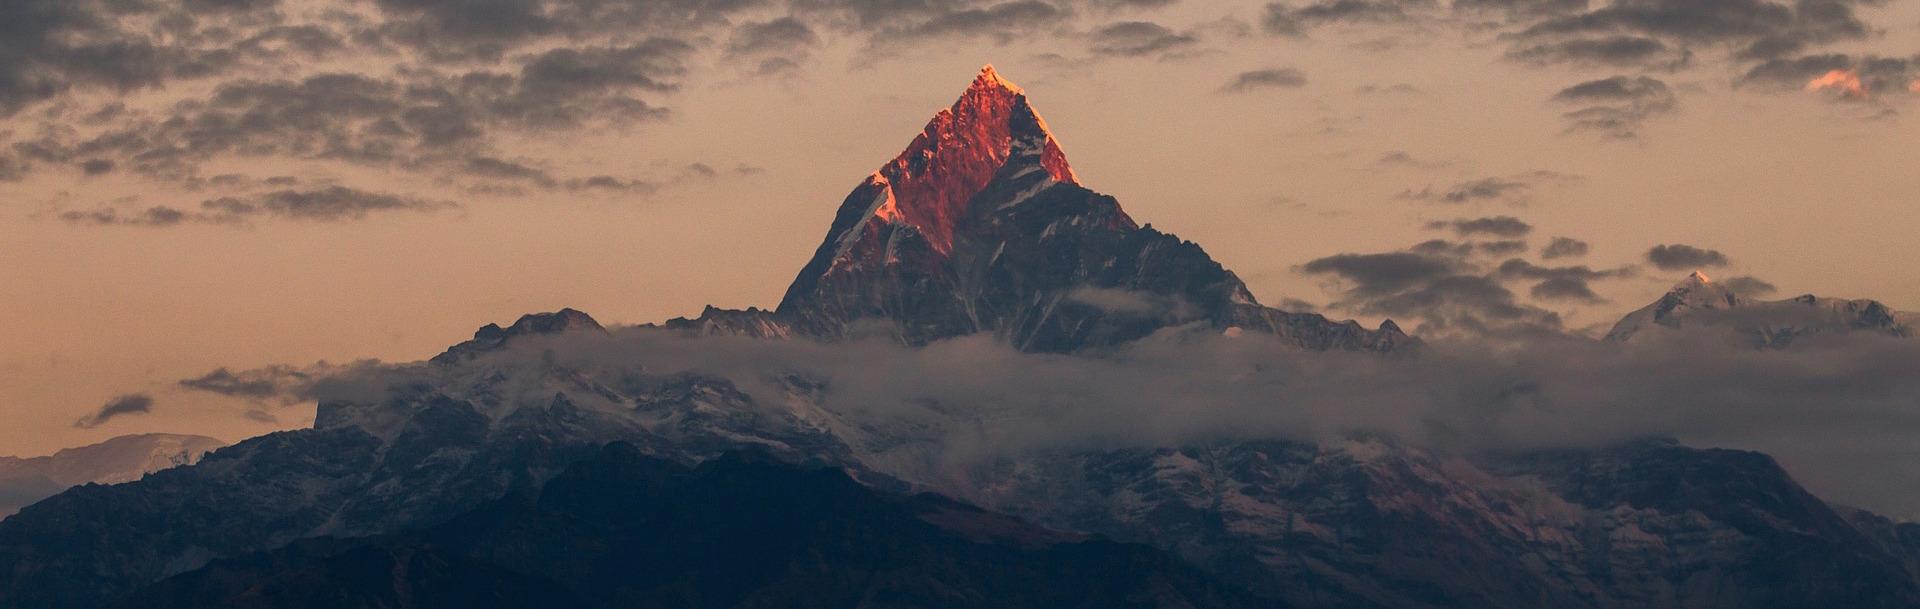 हिंदुकुश हिमालयातील दोन तृतियांश हिमनद्या २१०० सालापर्यंत वितळून जाऊ शकतील